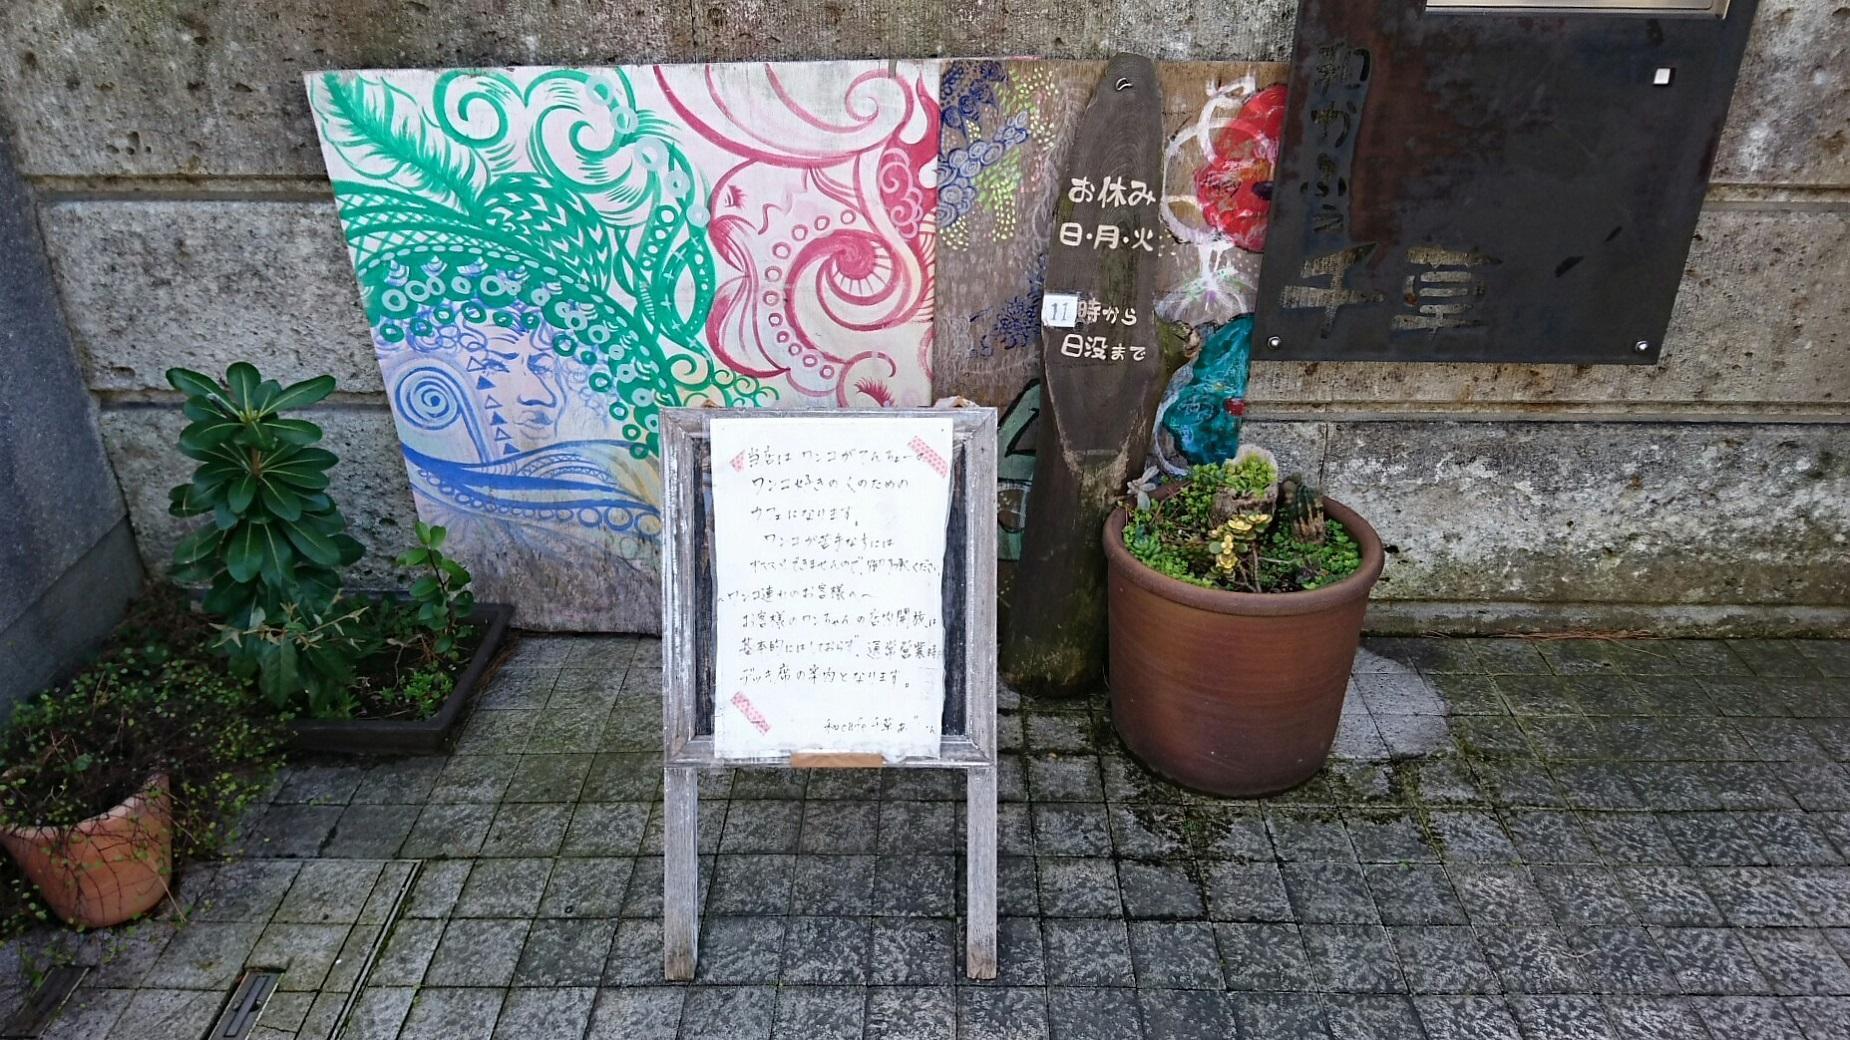 2019.3.26 (1004) 蒲郡 - 和かふぇ千草 1850-1040